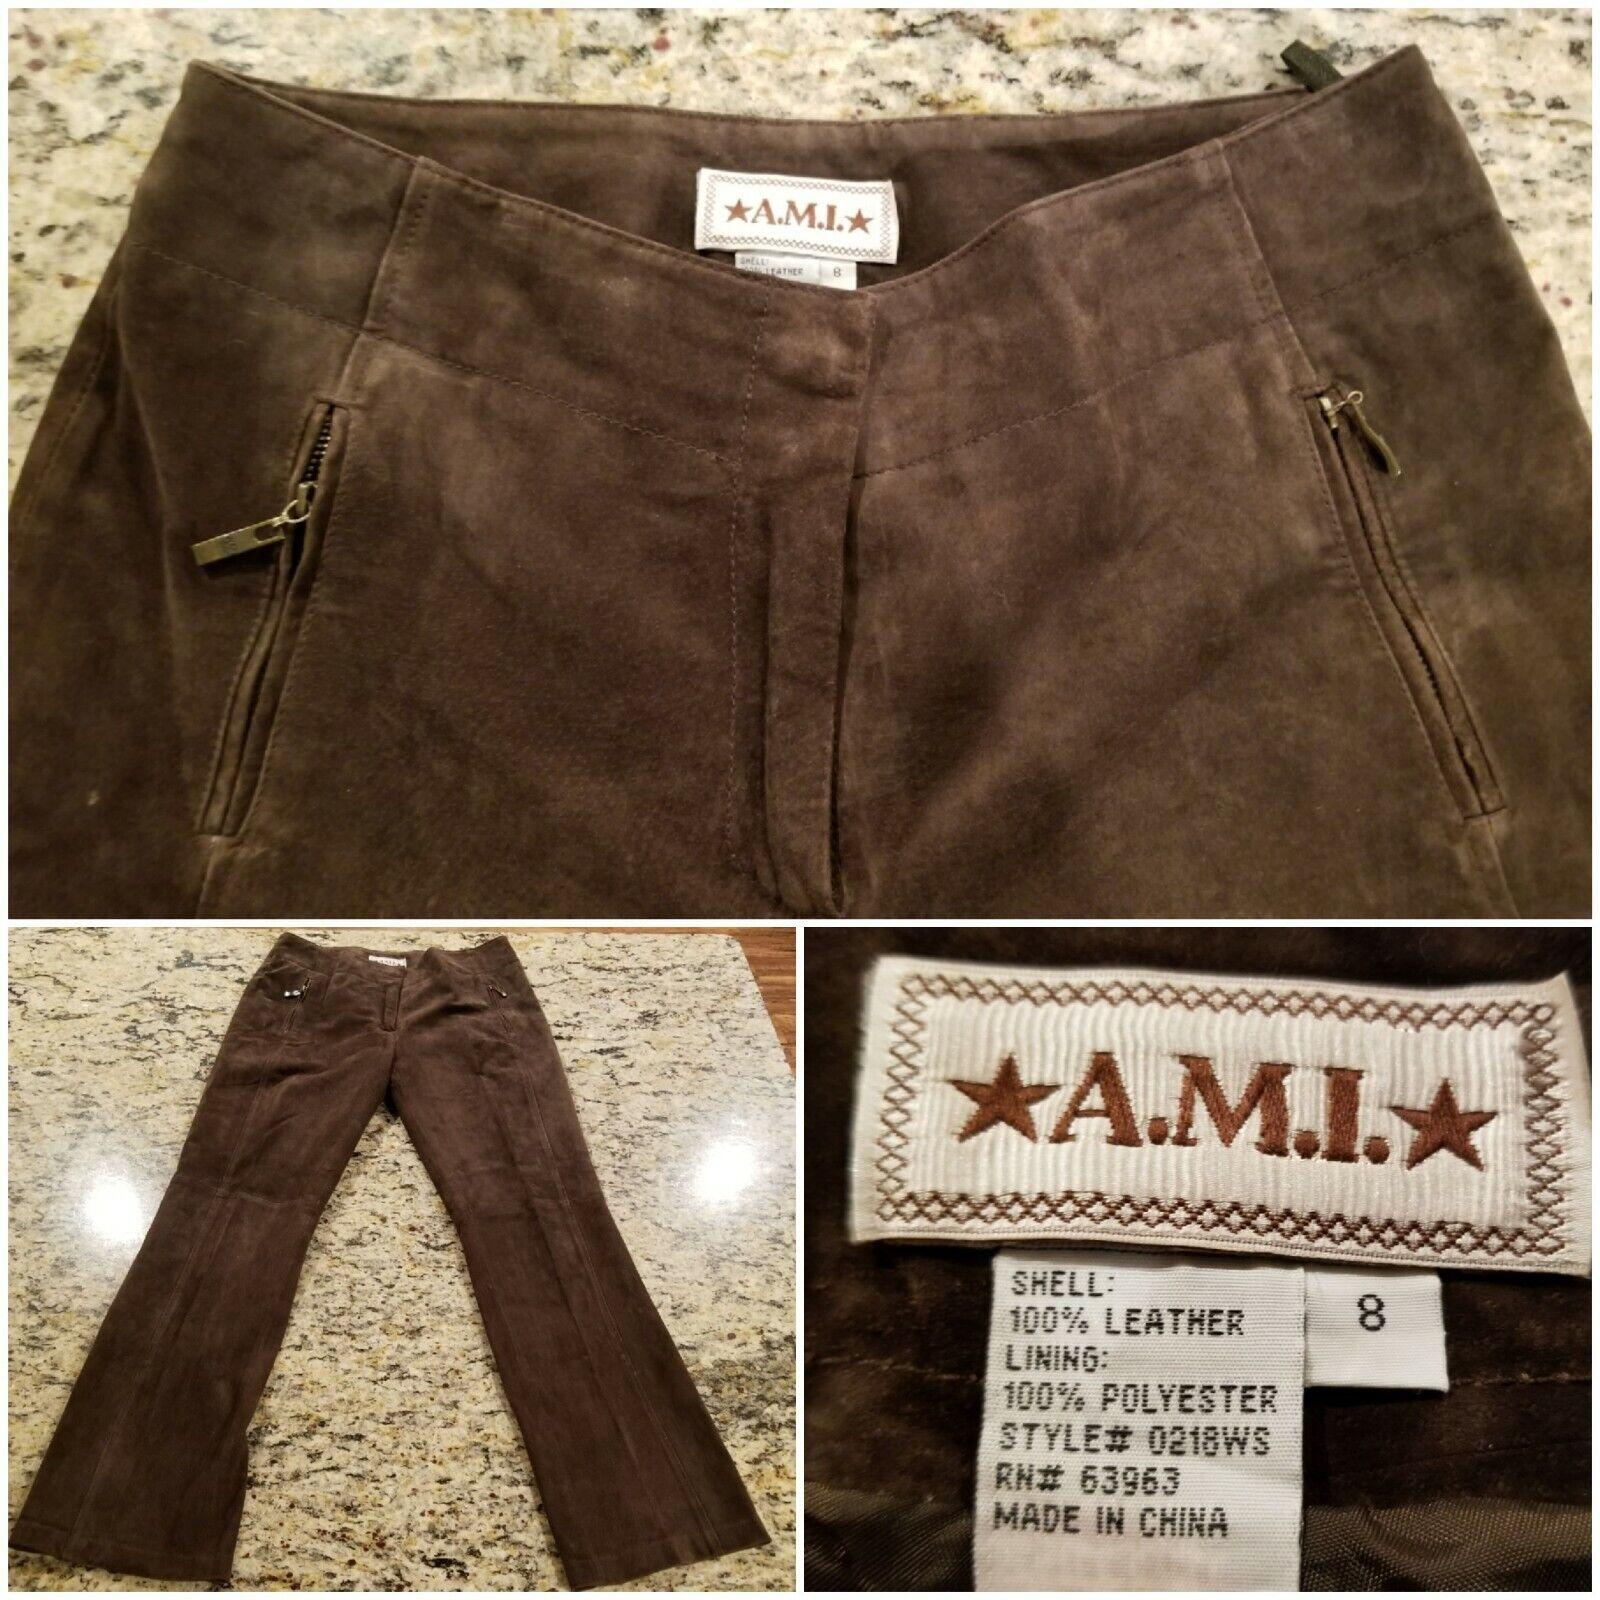 A.M.I. Women's Leather Biker Pants Hippie Brown Size 8 Excellent Condition T